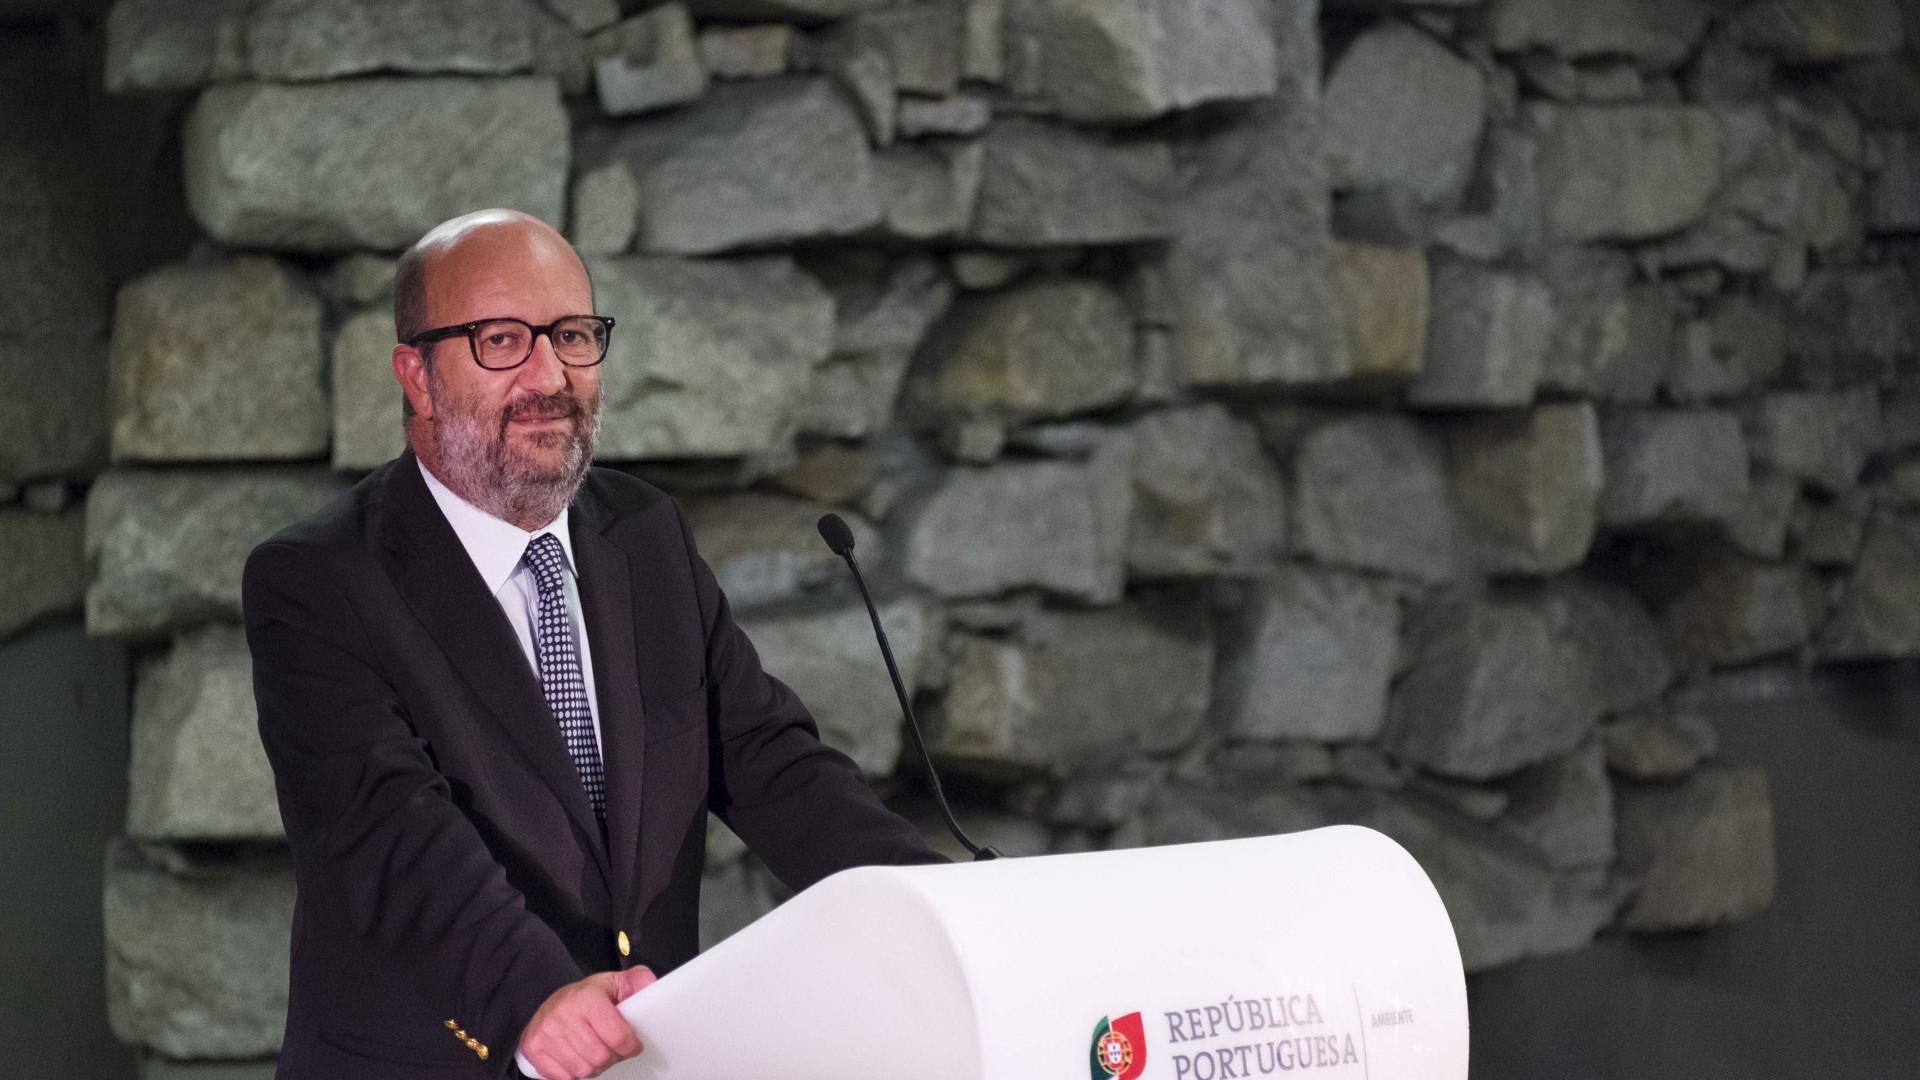 Ministro defende agregação de sistemas municipais de água e saneamento